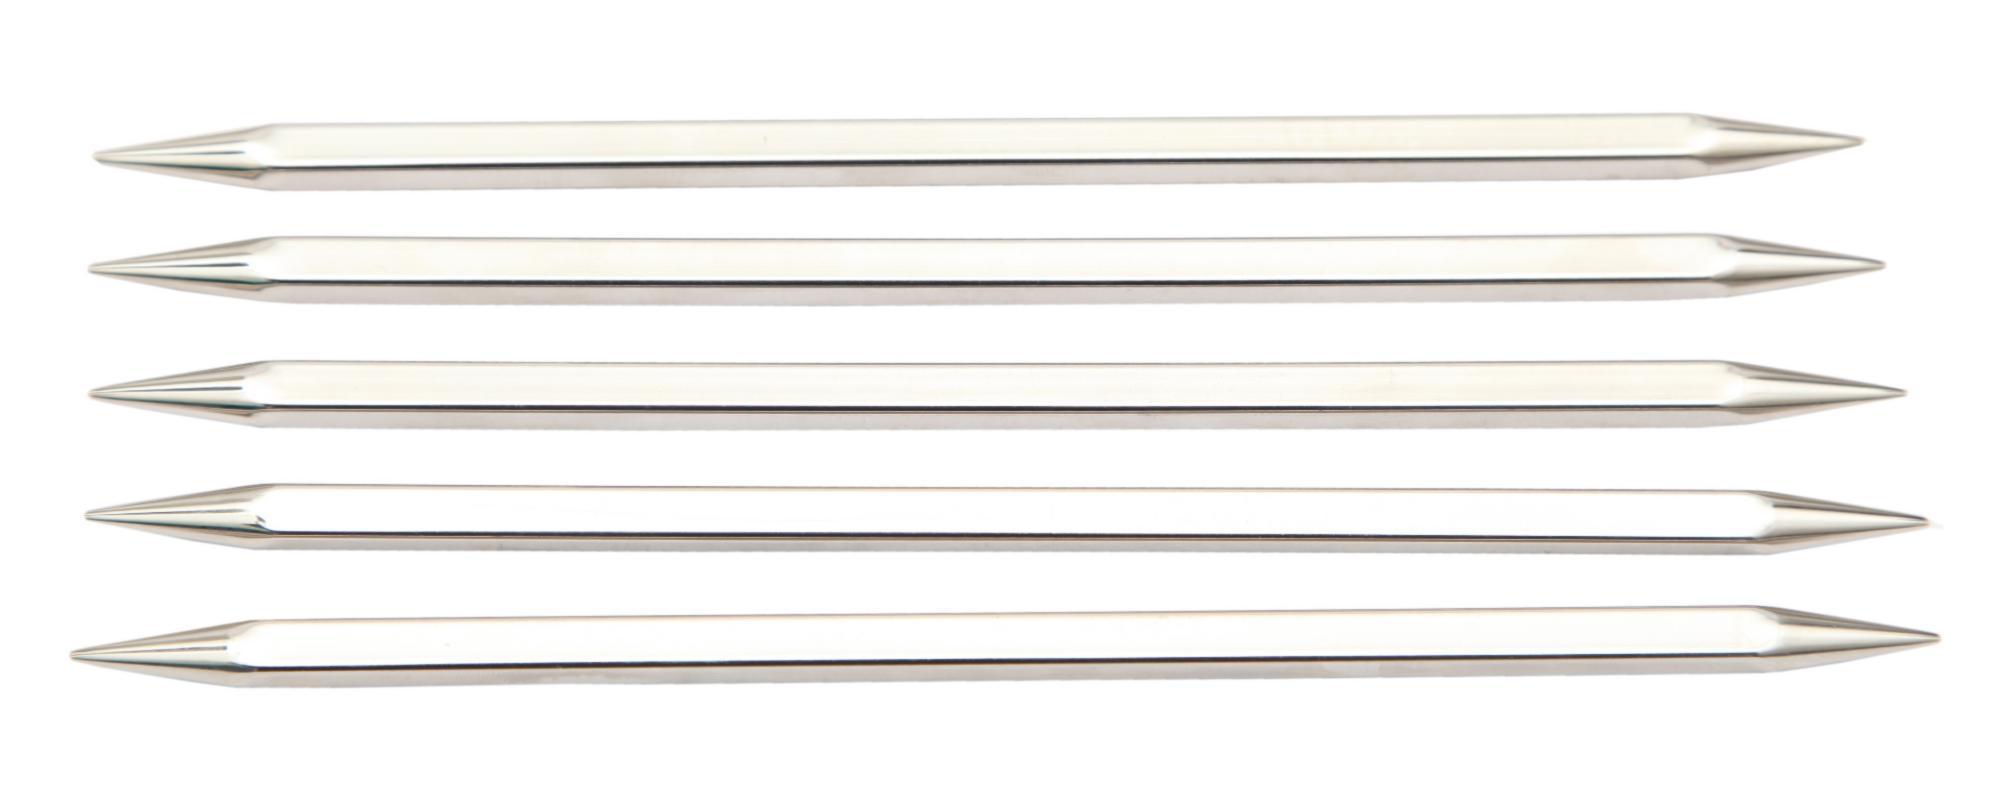 Спицы носочные 15 см Nova Cubics KnitPro, 12112, 5.50 мм